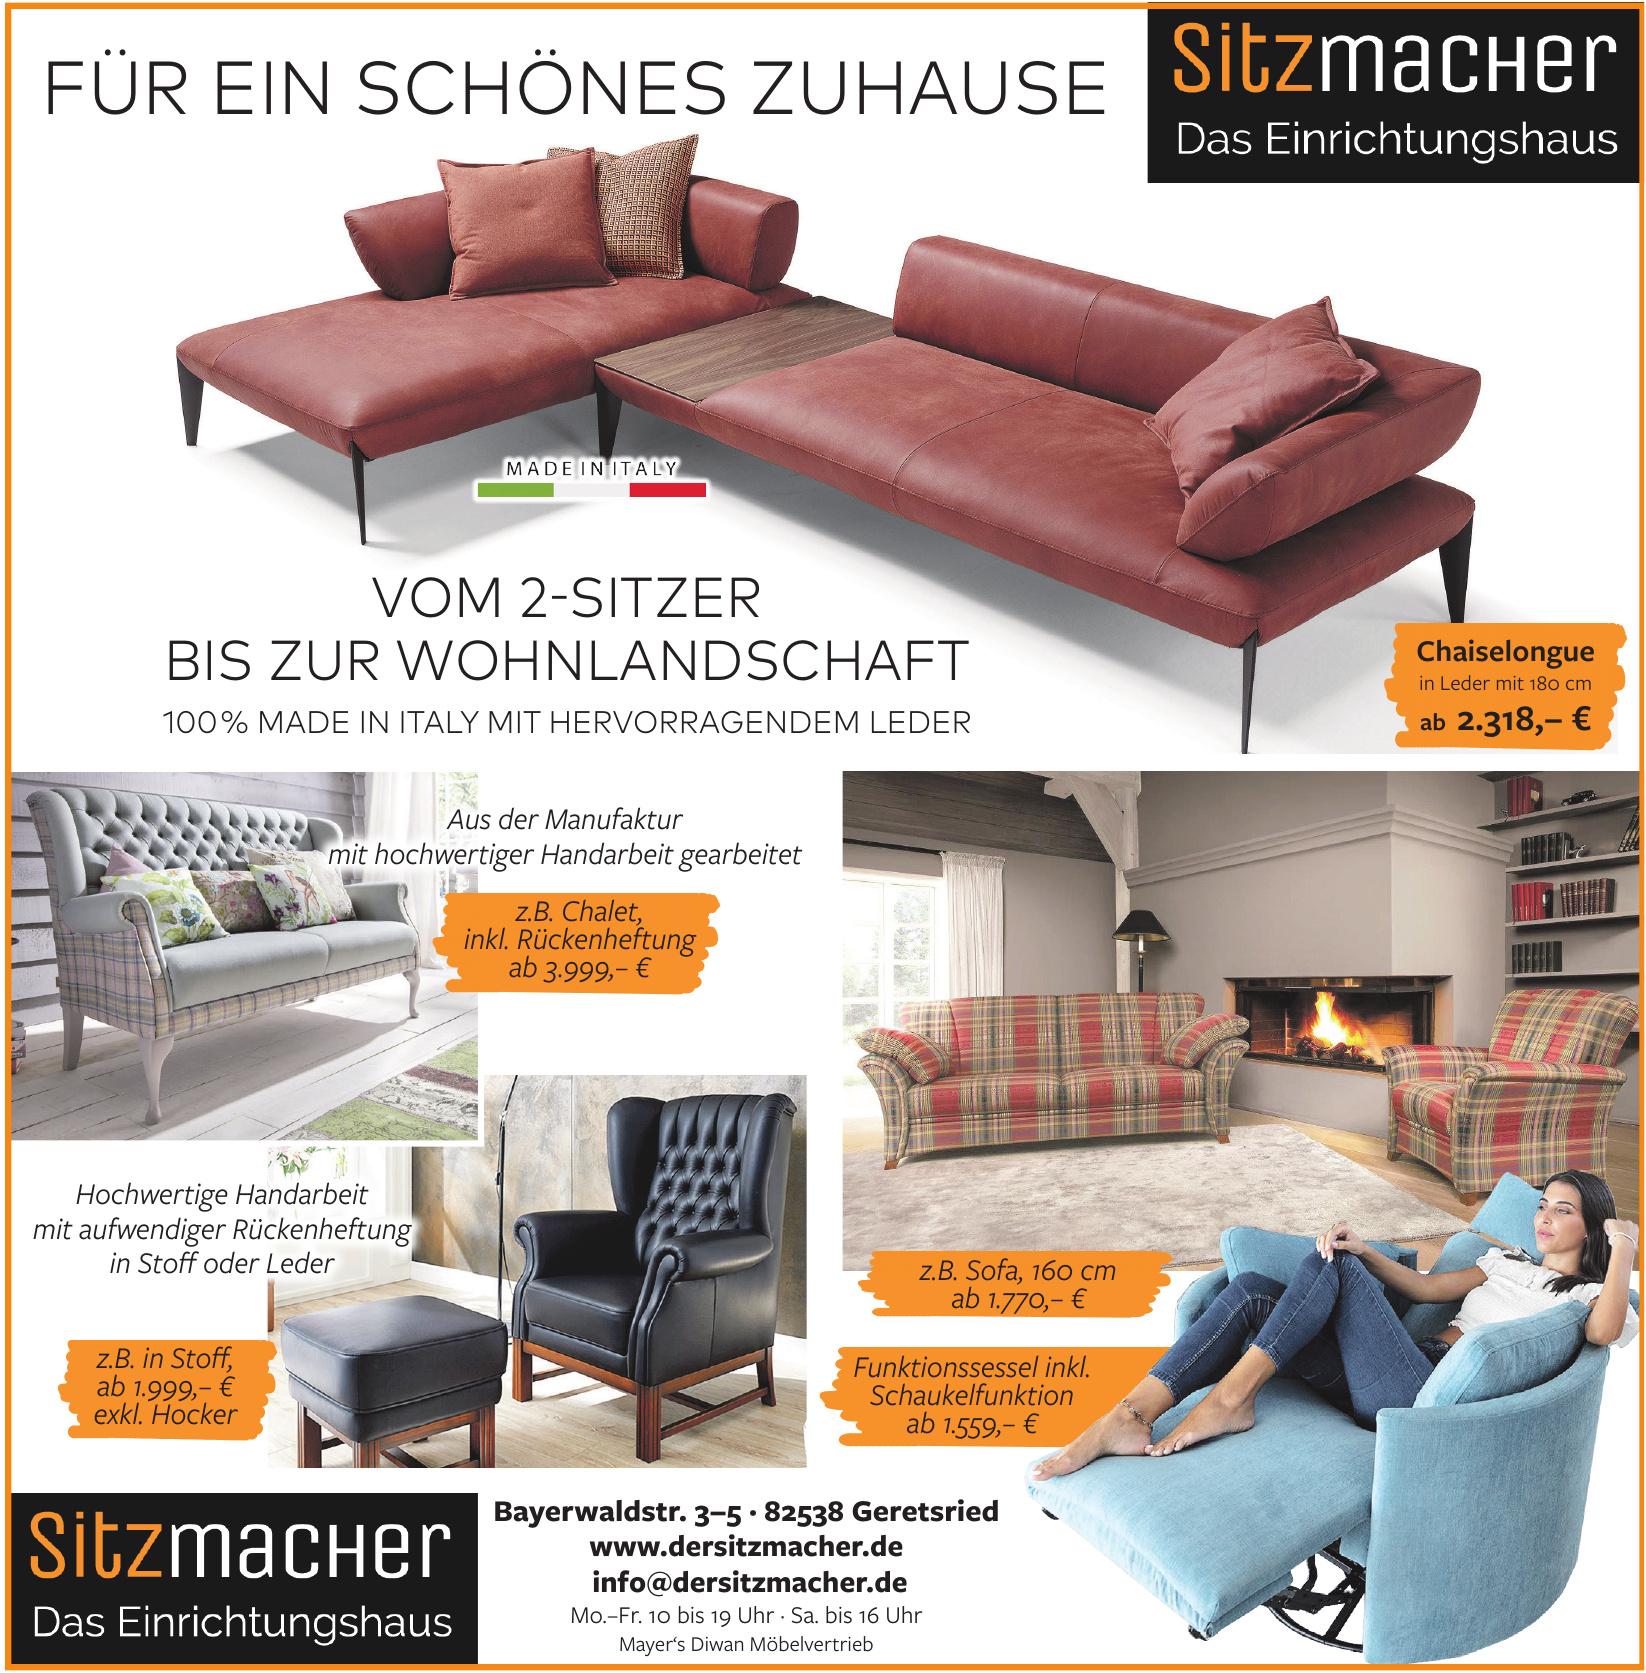 Sitzmacher - Das Einrichtungshaus